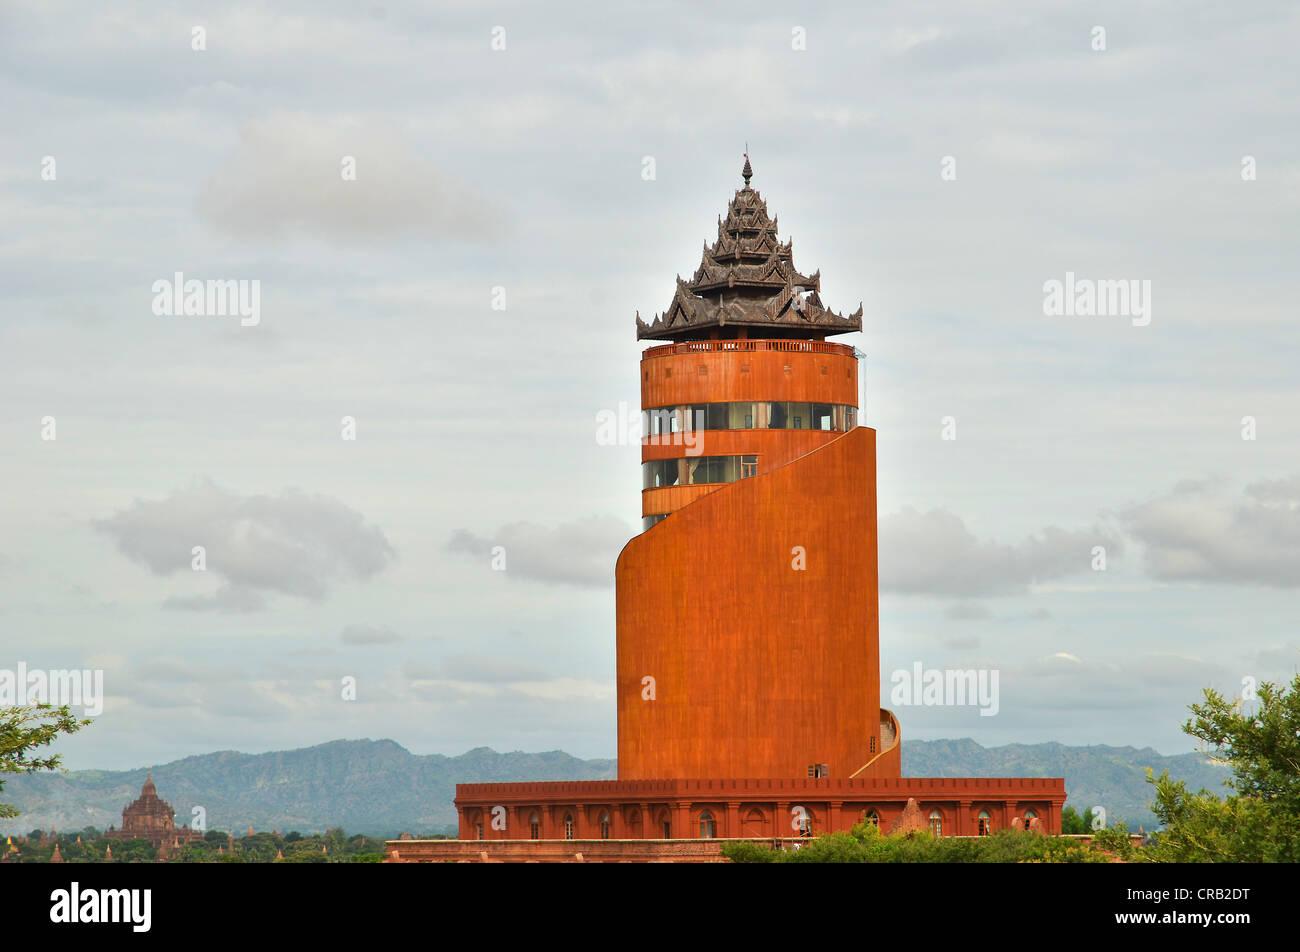 Nouvelle tour d'observation moderne du gouvernement militaire en béton construit dans un style pagode, Bagan, Myanmar, Birmanie Banque D'Images